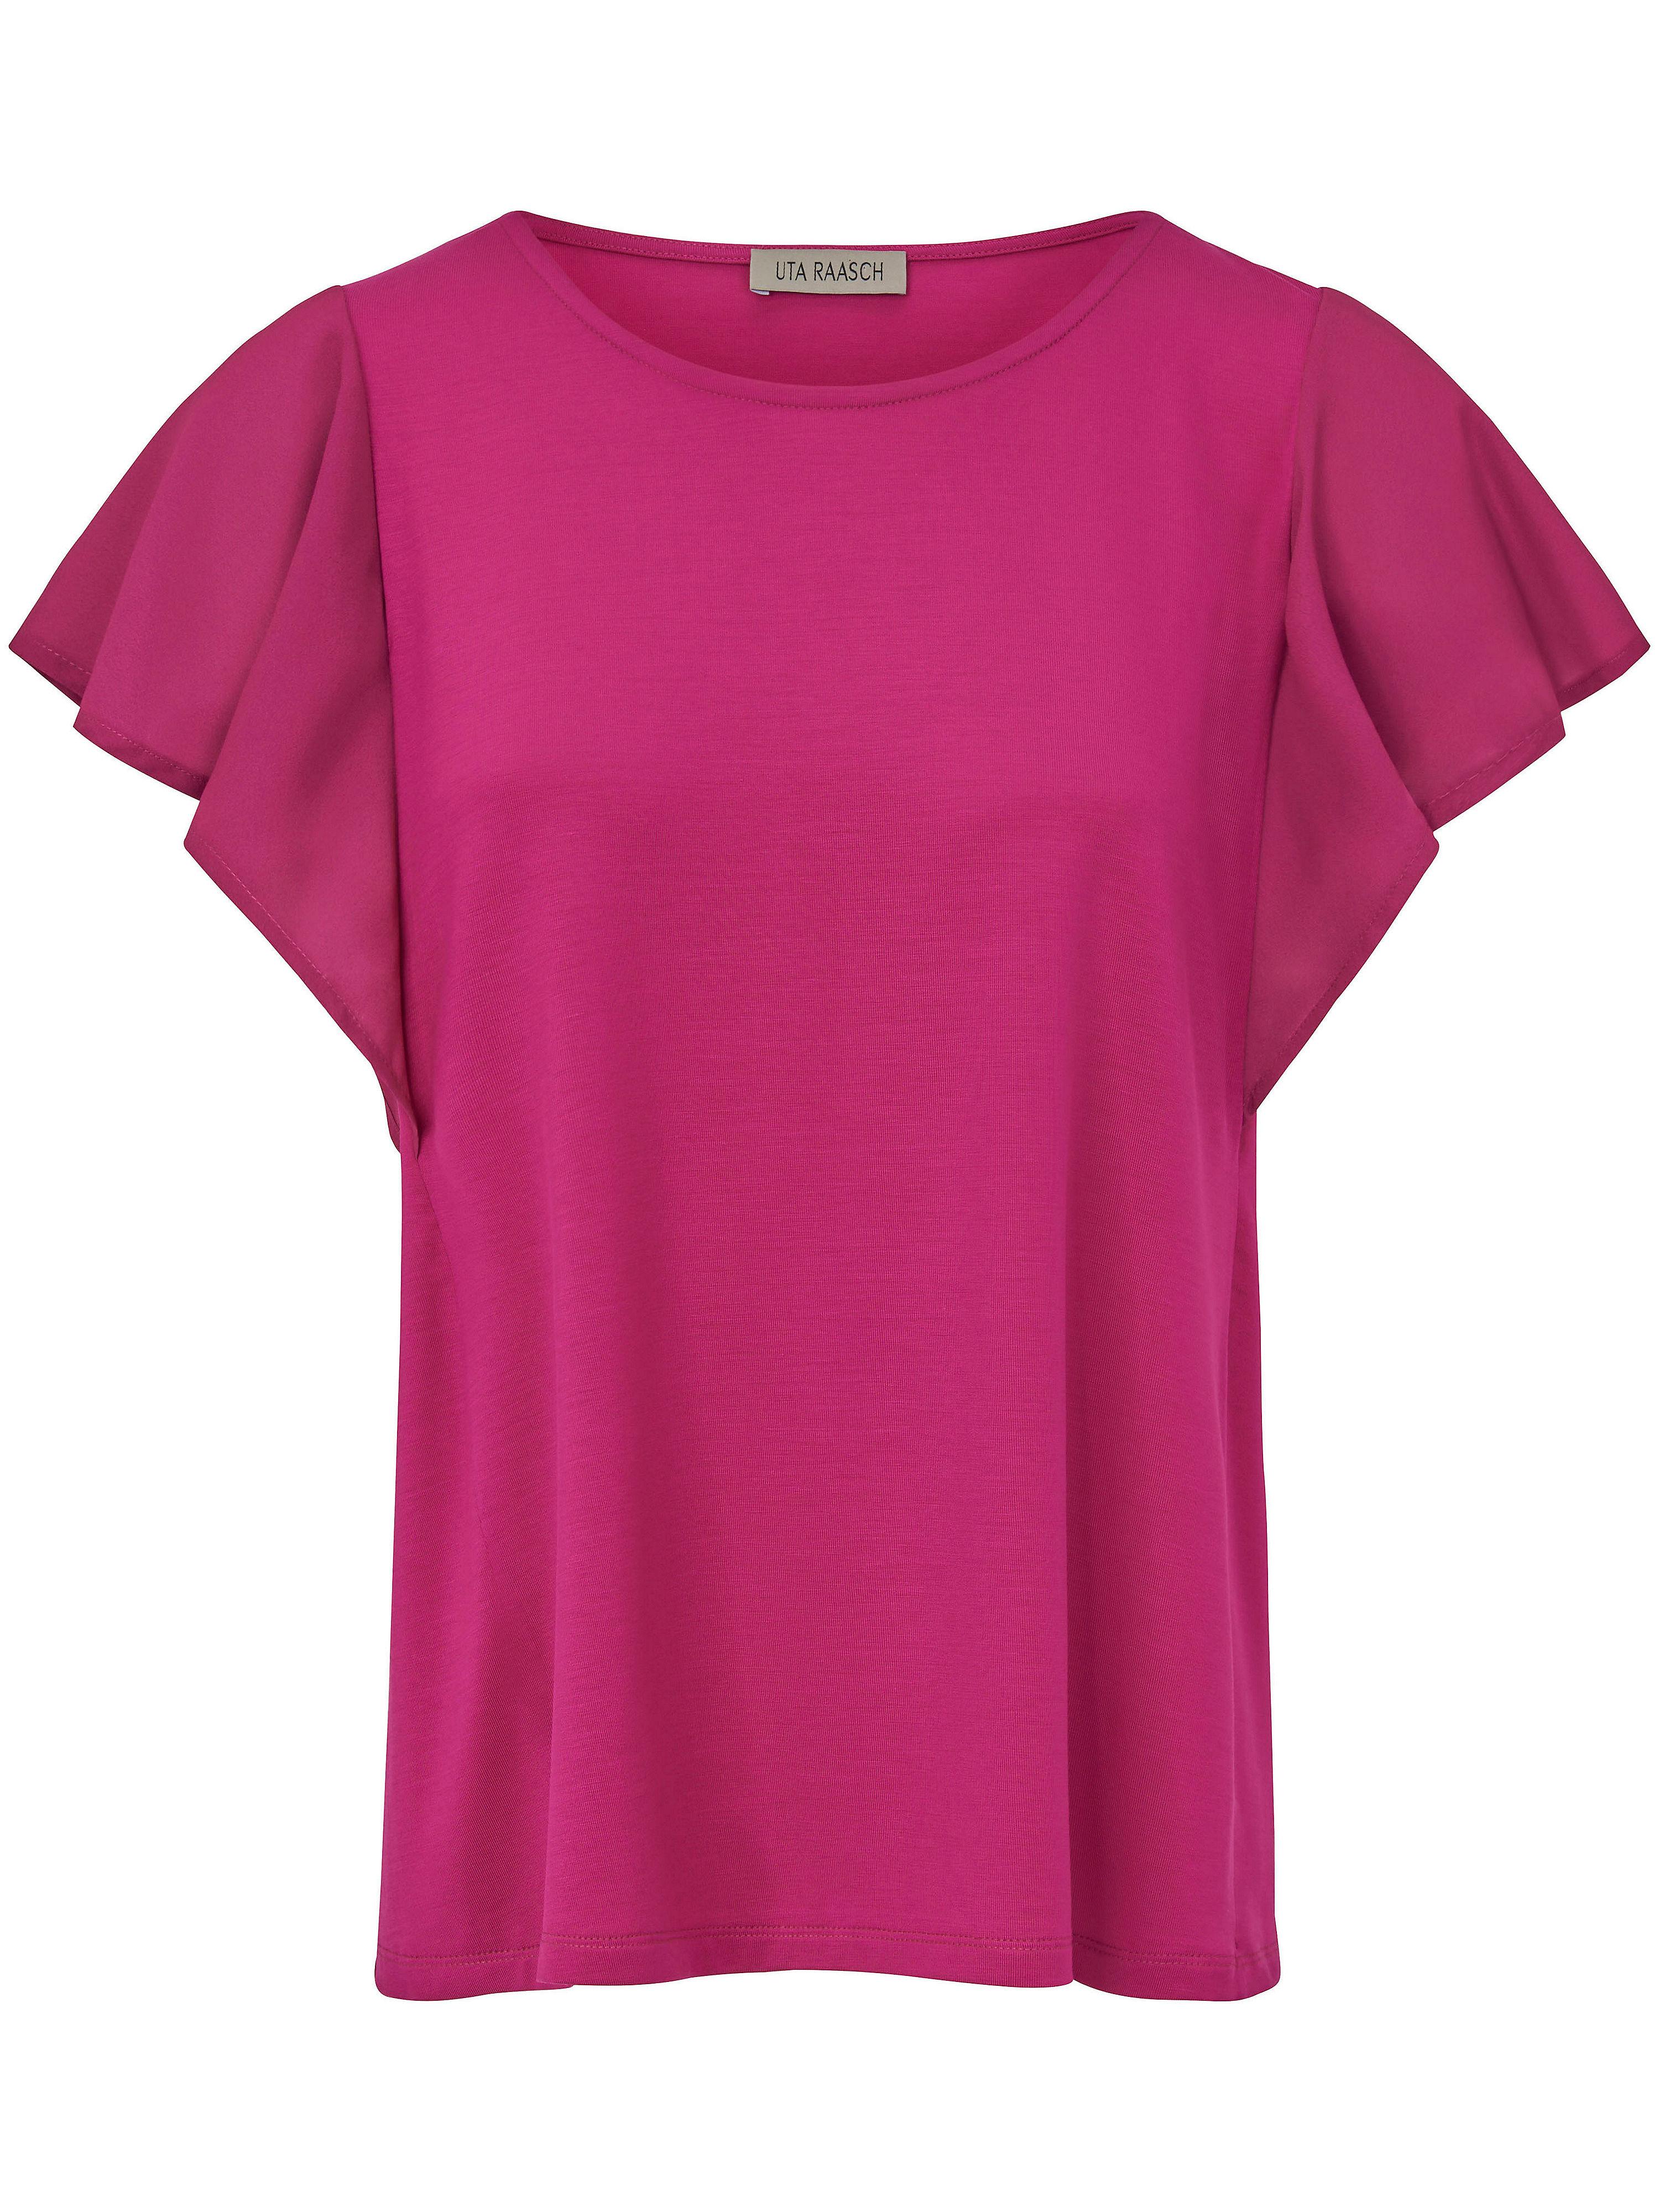 Image of   Bluse 1/2-arm Fra Uta Raasch pink